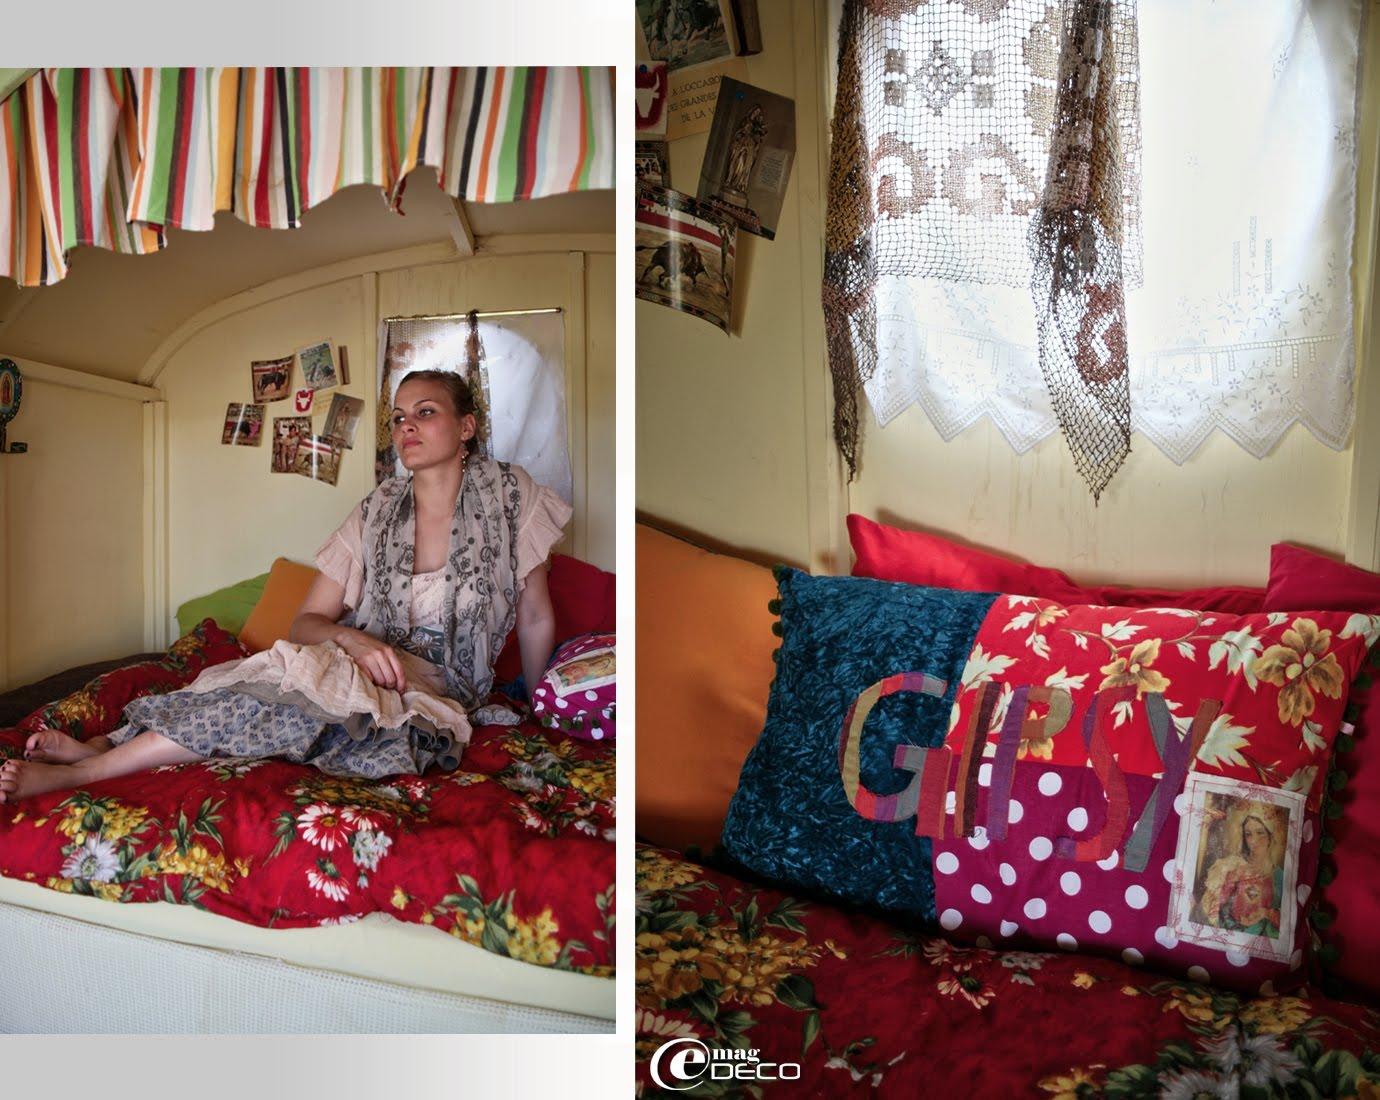 Silhouette romantique chez Gazoline, boutique femme à Montpellier. Coussin d'esprit Gipsy création 1 Quenelle sur 1 Mur...